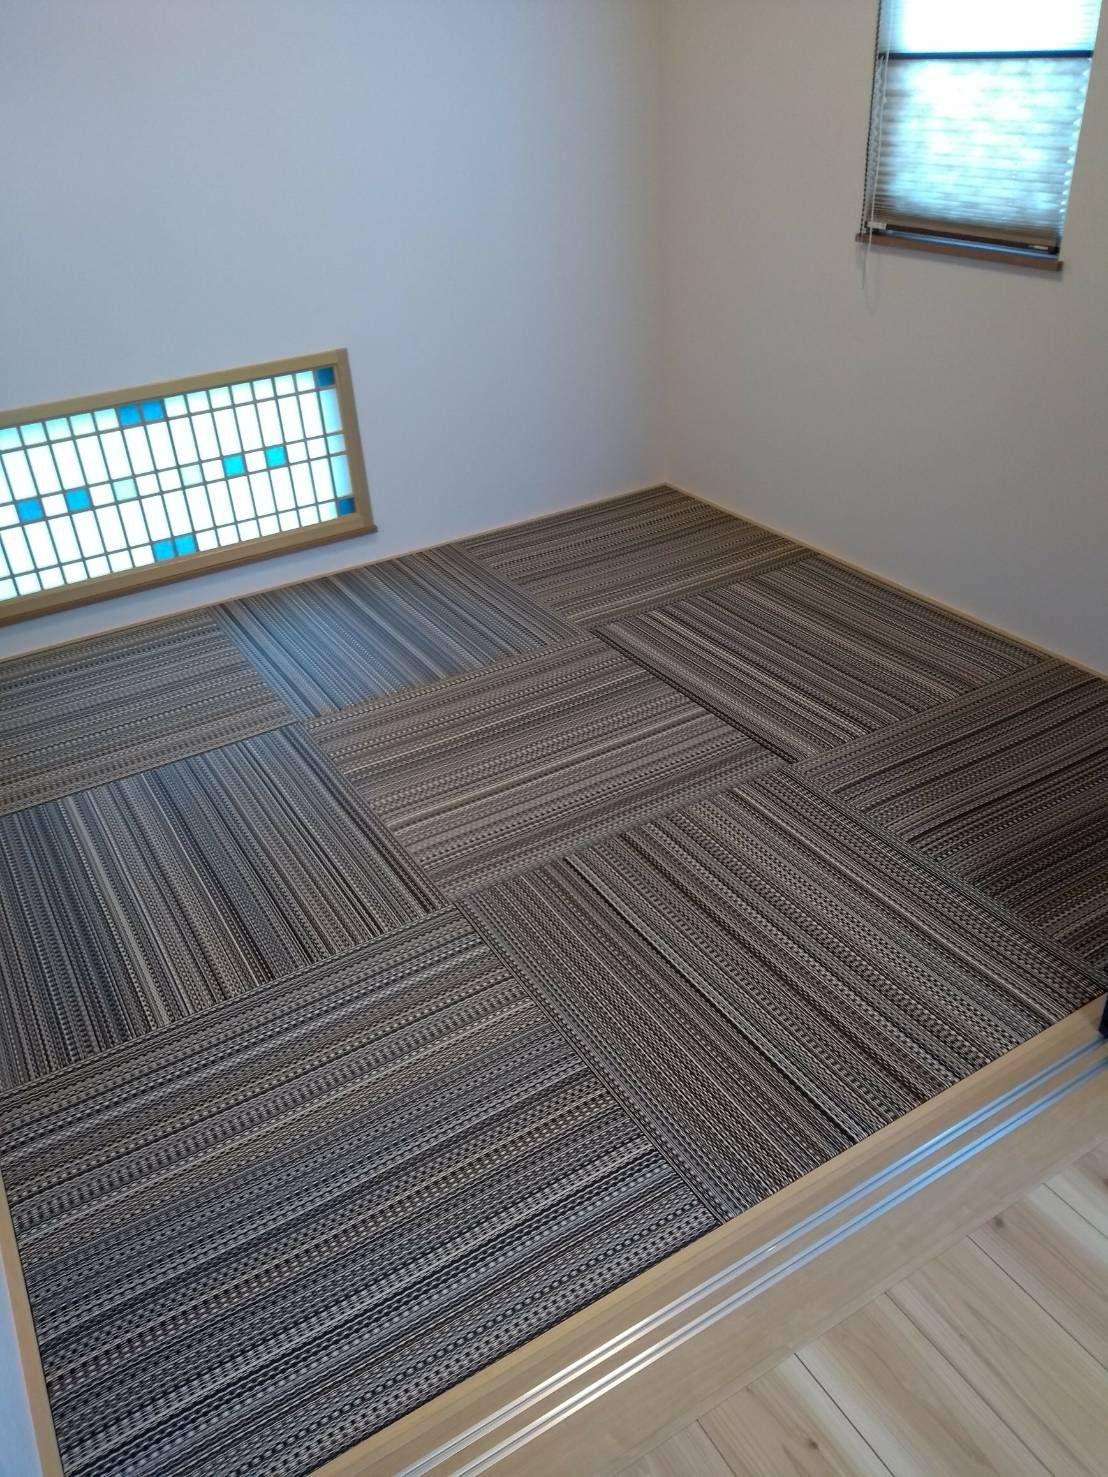 今回も黒石市の新築住宅に納めました琉球たたみです 積水成型工業製の アースカラーコレクション シリーズの No 3ジオ にて製作しました 前回記事のと同じ素材でして 高耐久でダニ カビに強く 経年劣化による退色がない等の 家の設計 カラーコレクション